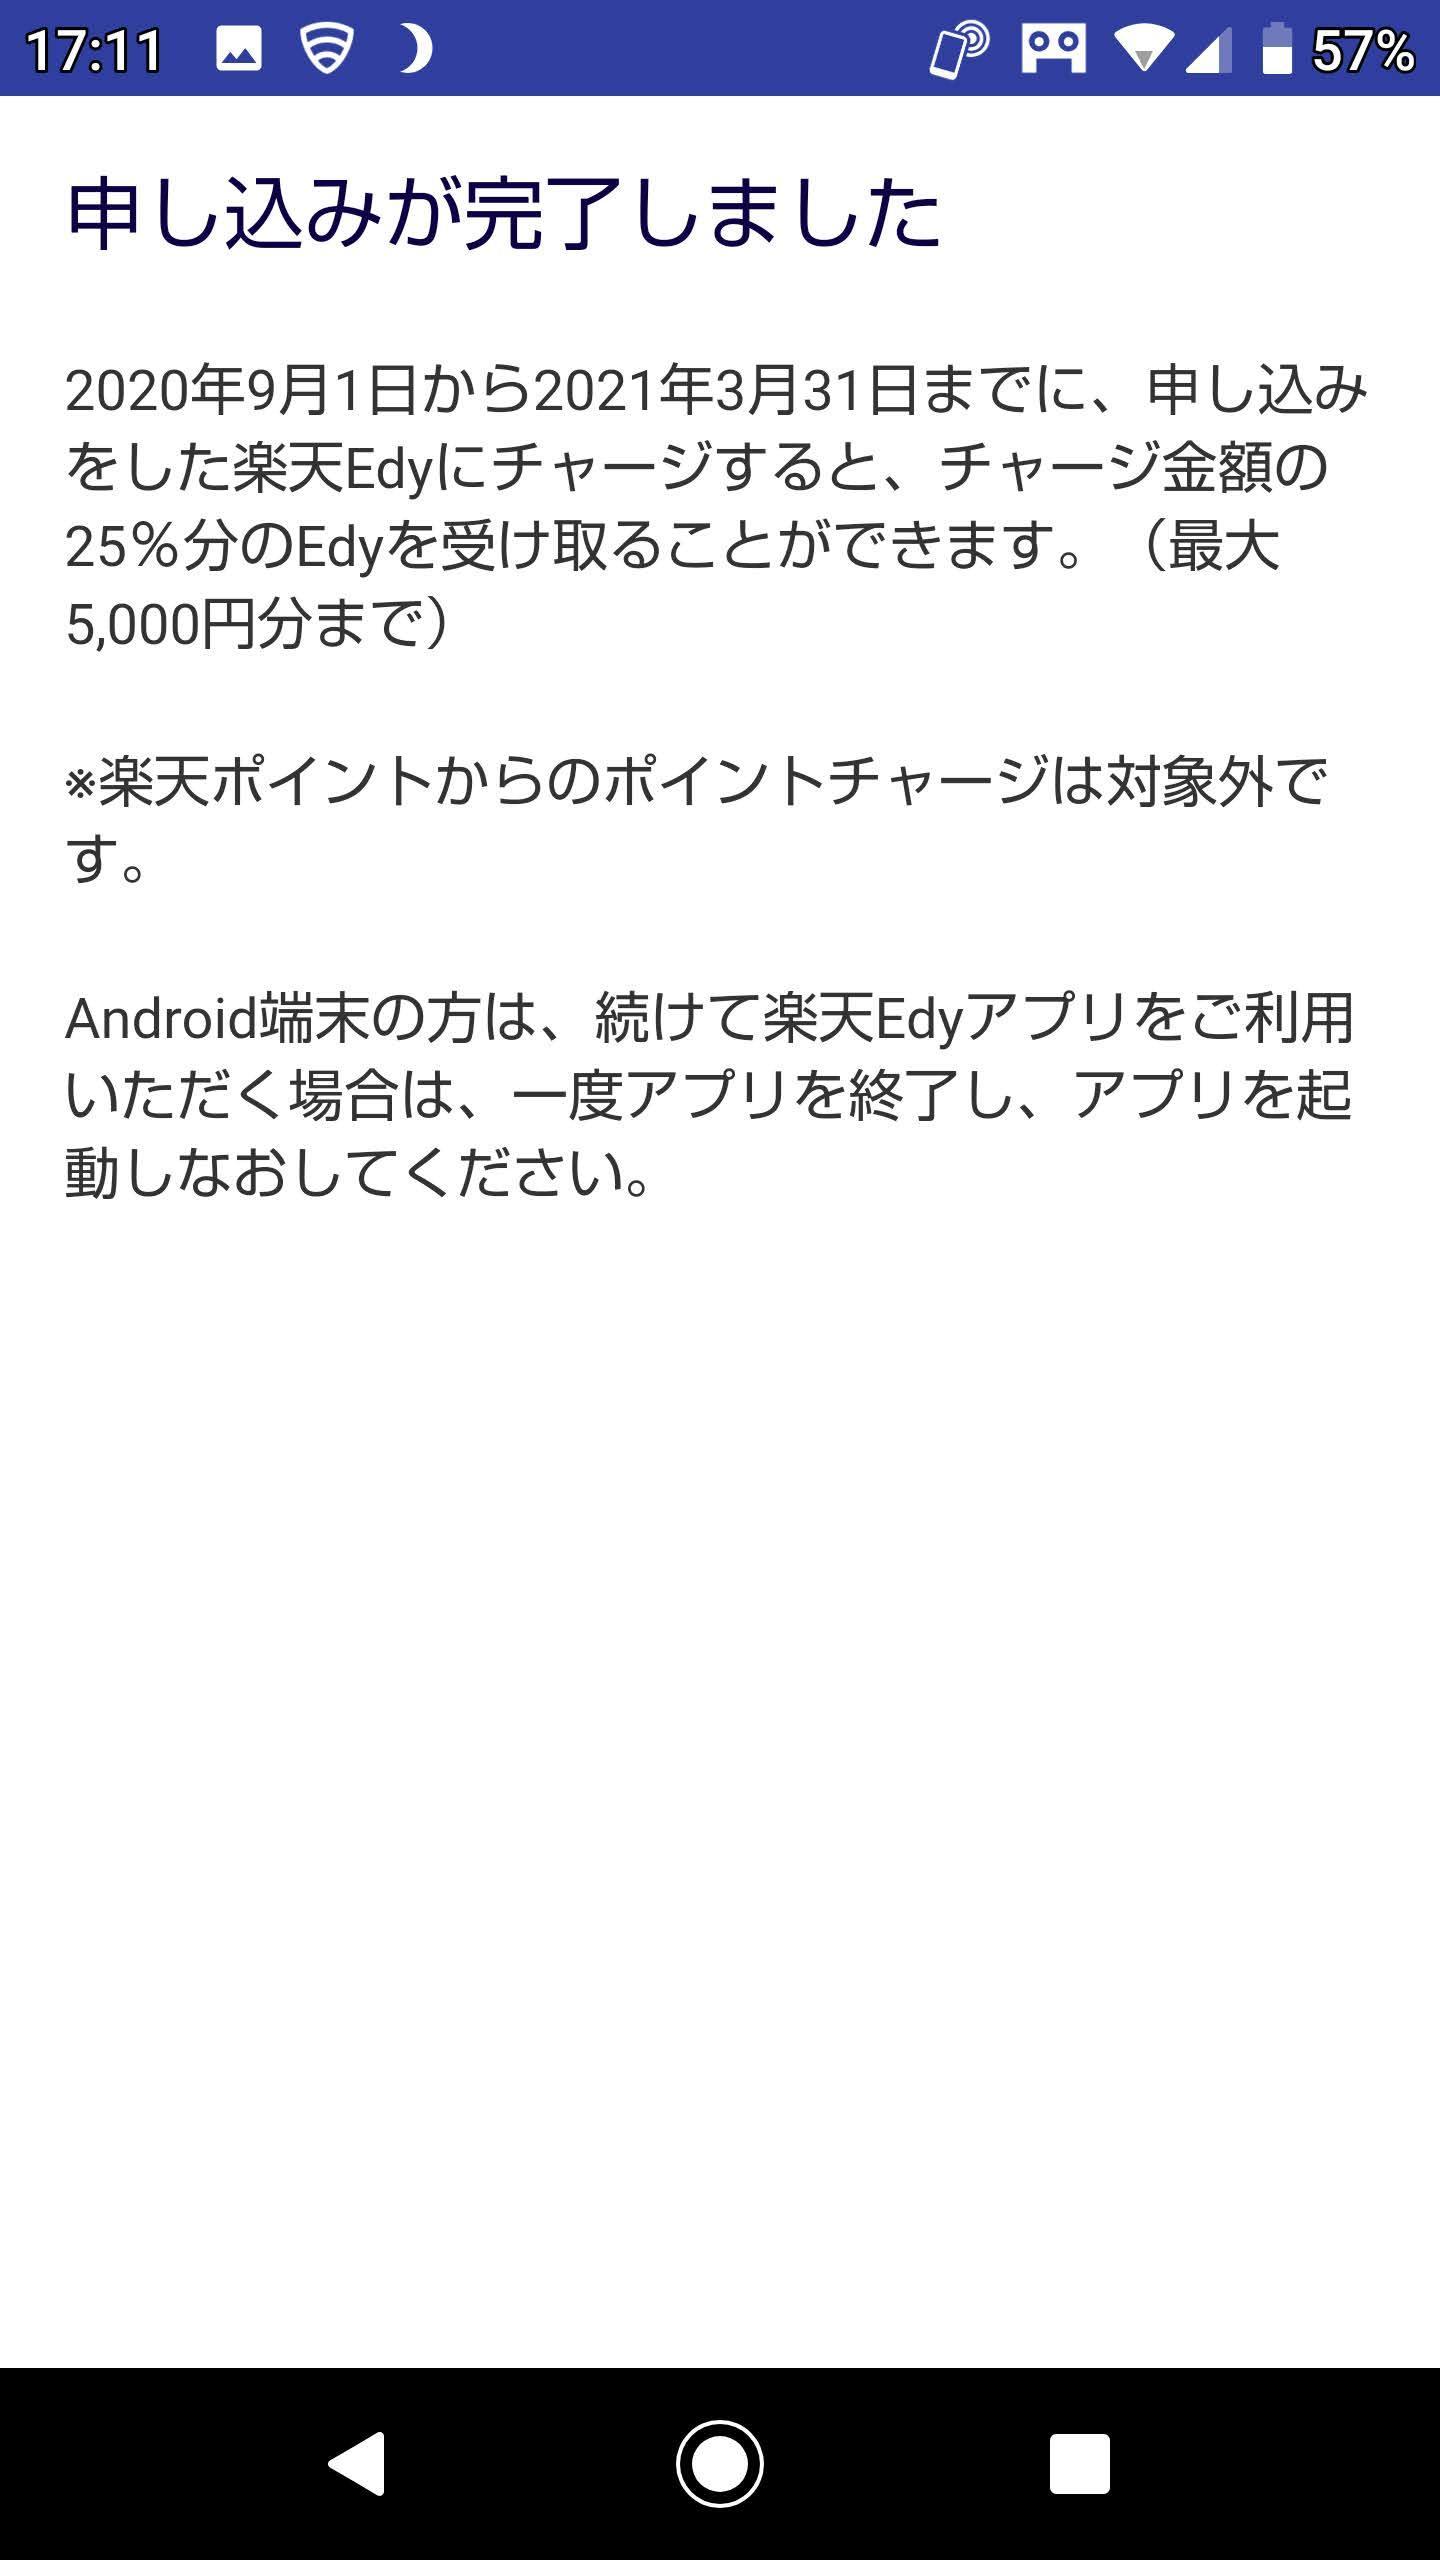 Screenshot_20200701-171146.jpg